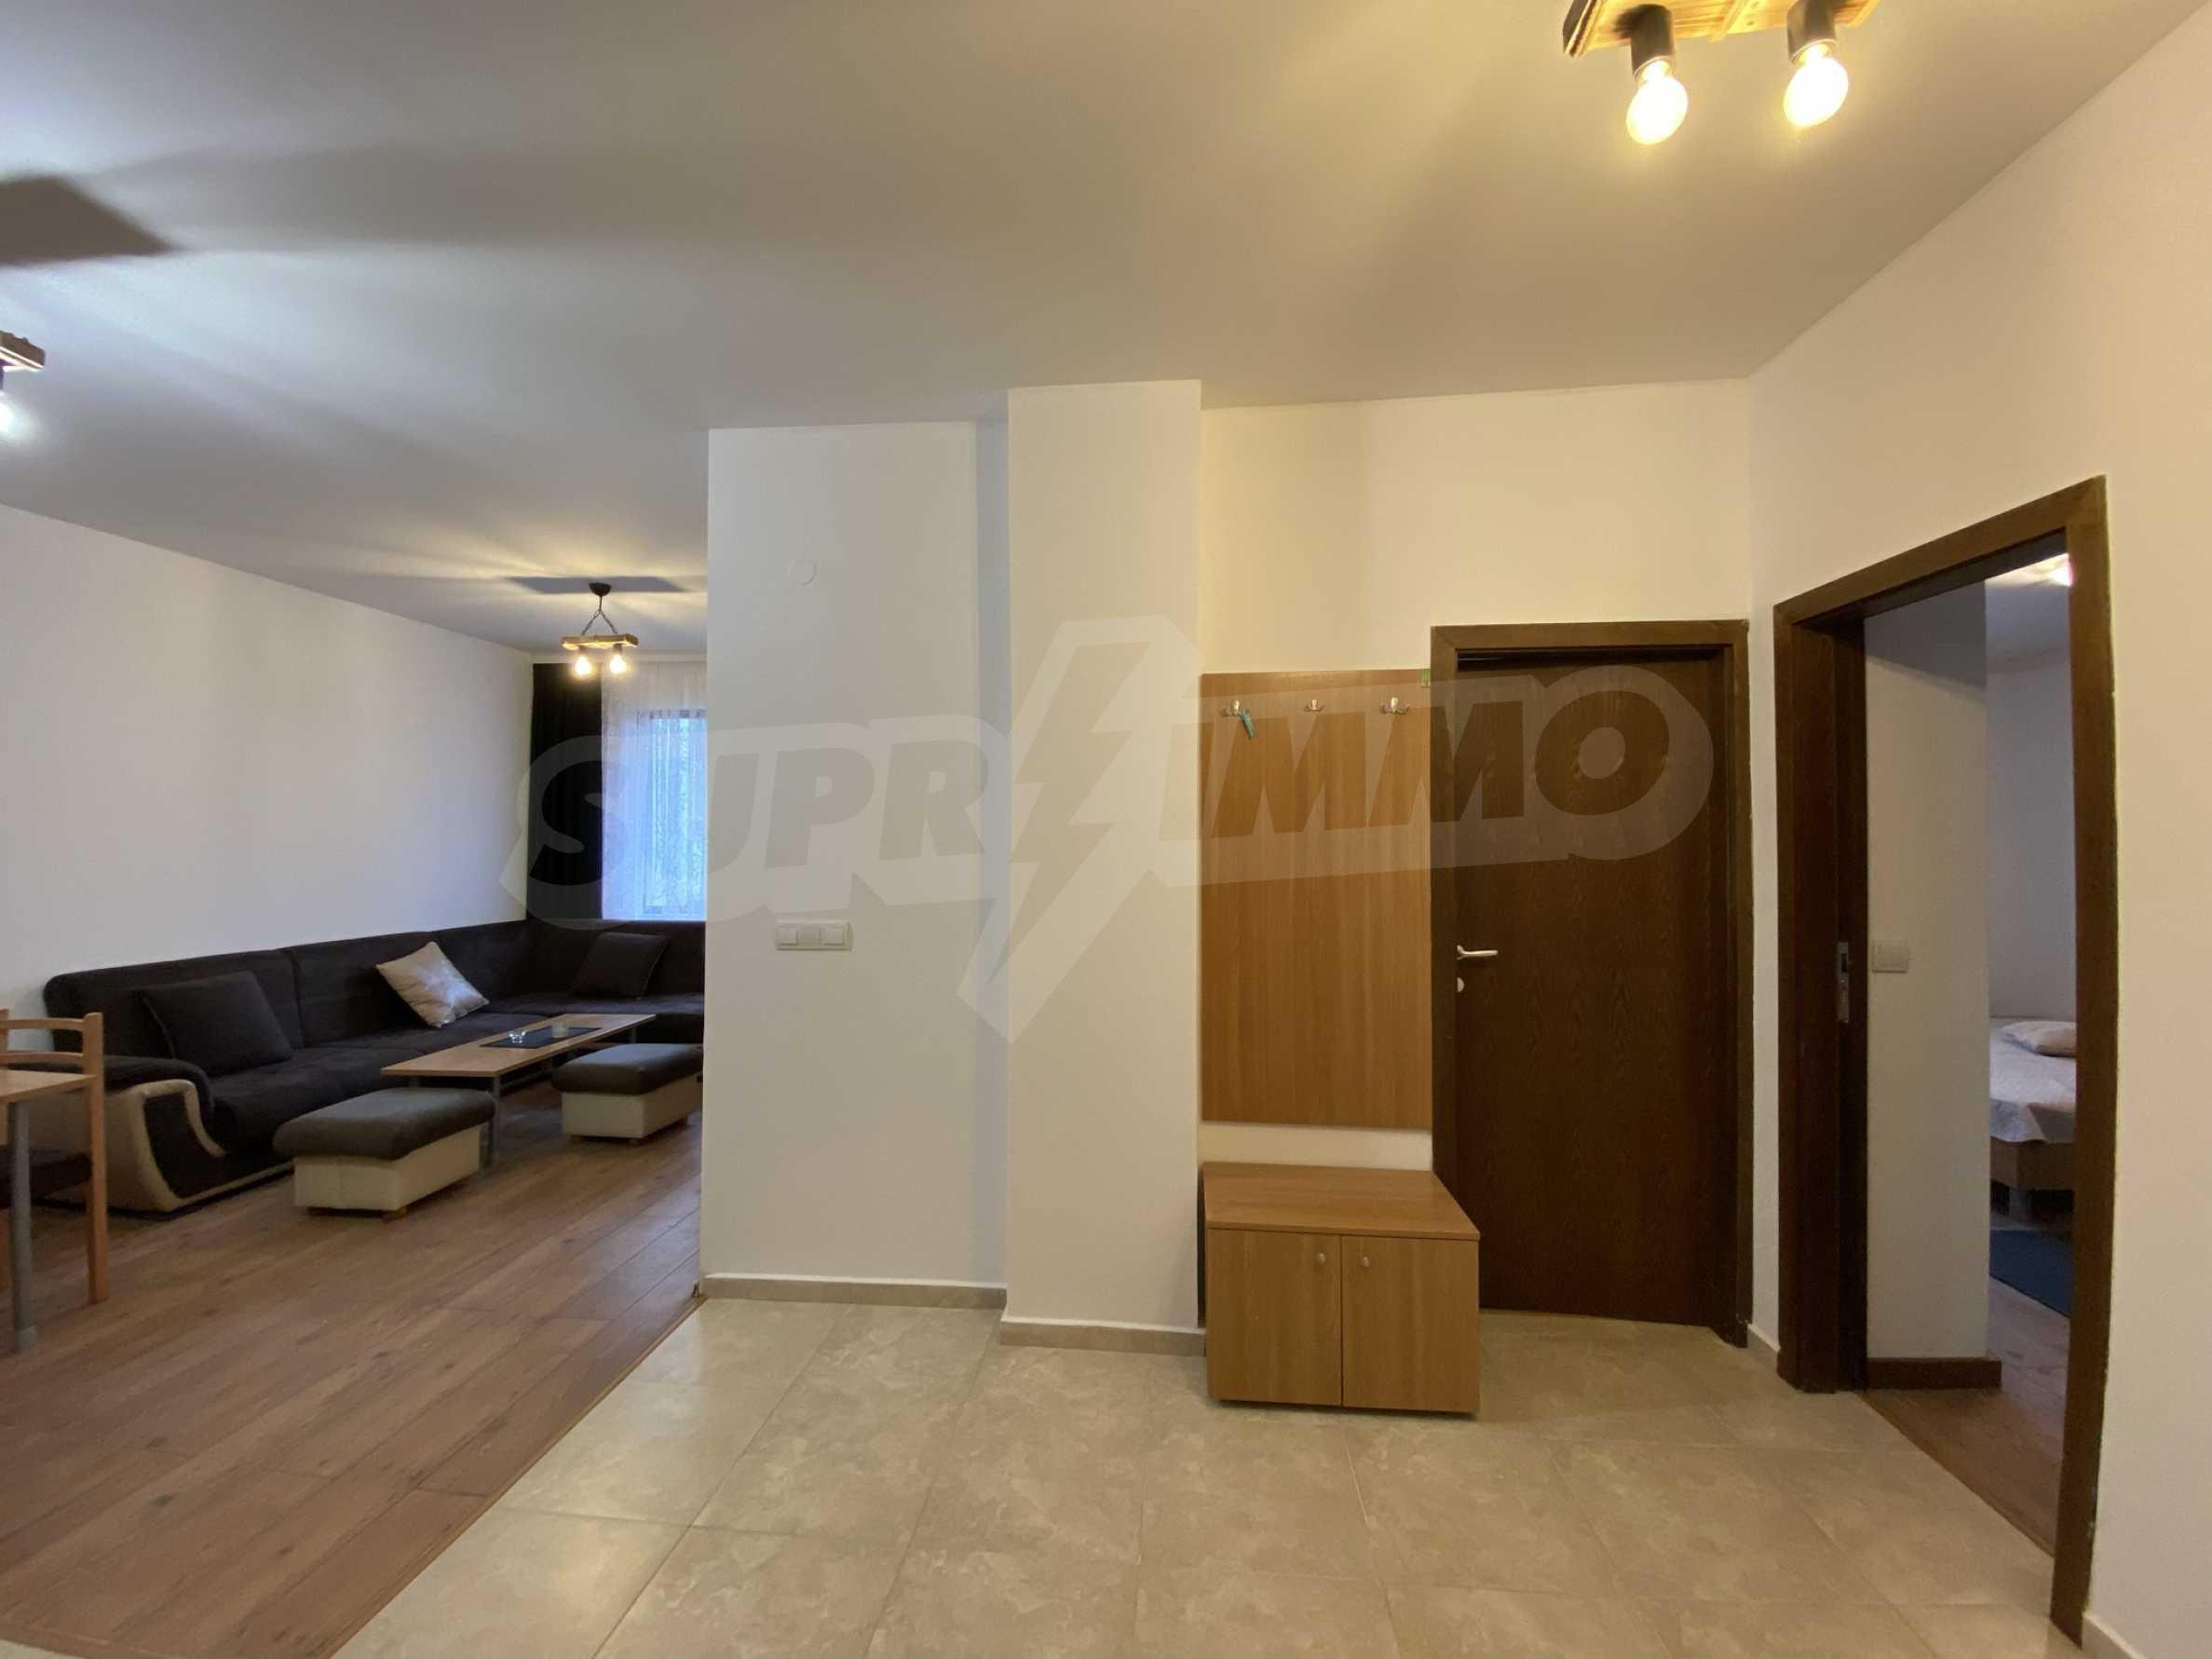 Apartment mit zwei Schlafzimmern zum Verkauf in der Nähe des Skigebiets in Bansko 8